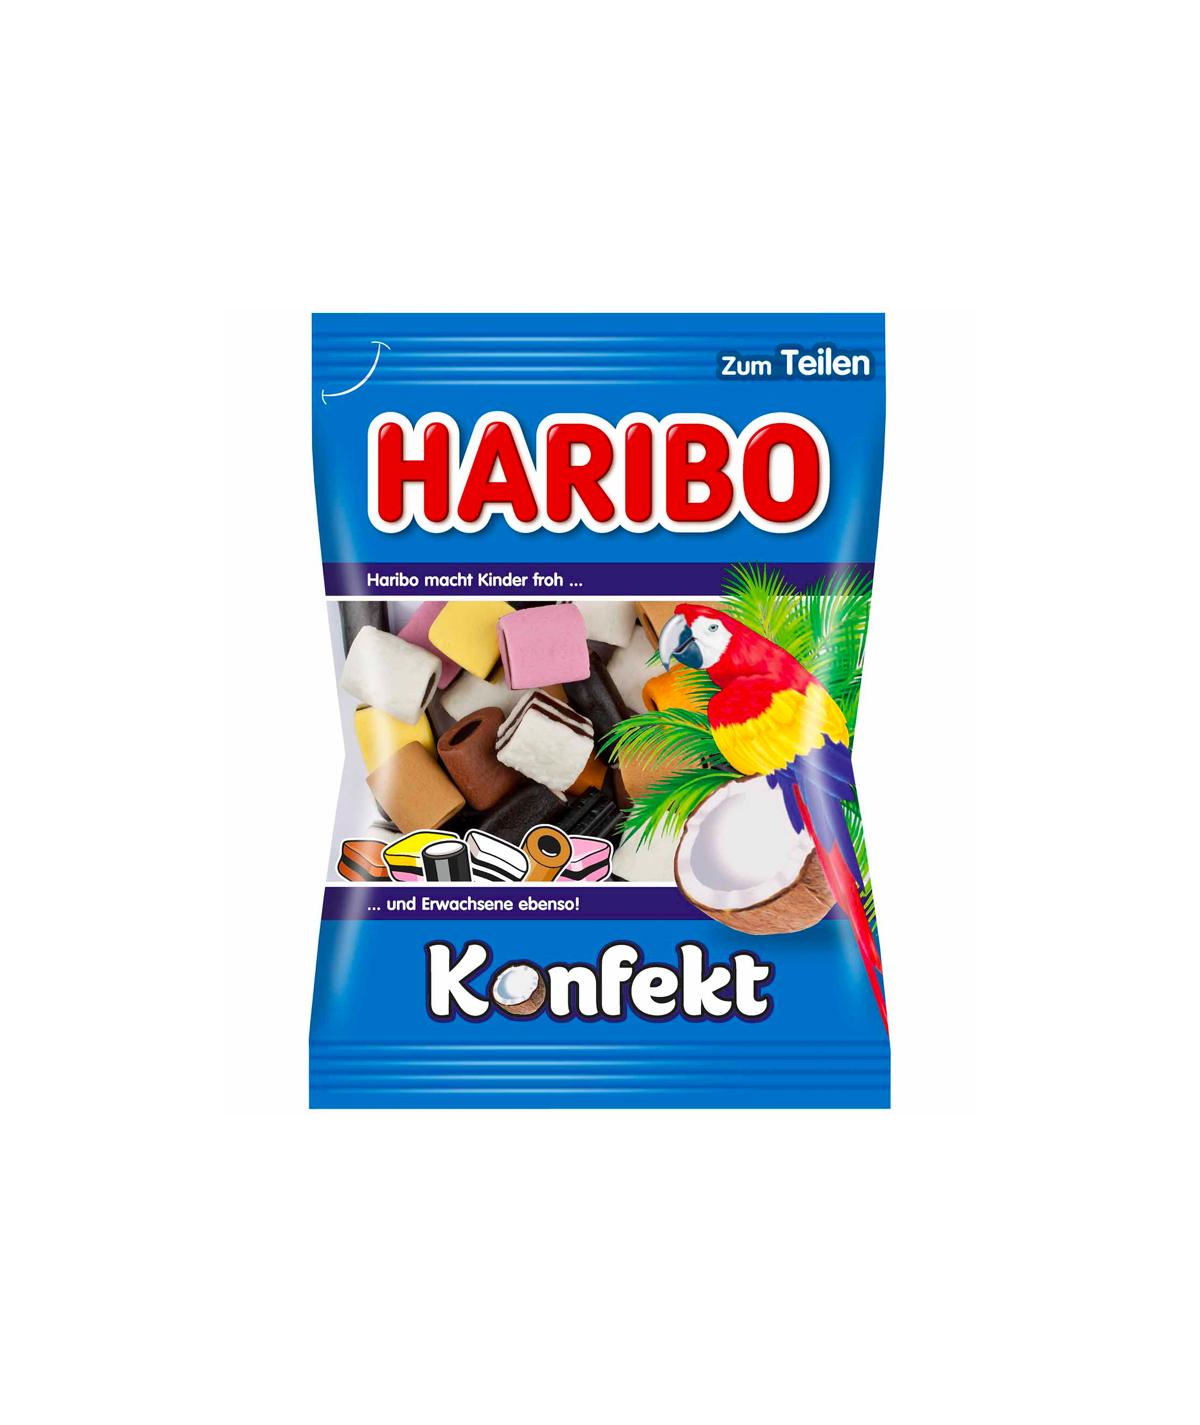 Haribo Konfekt 200g